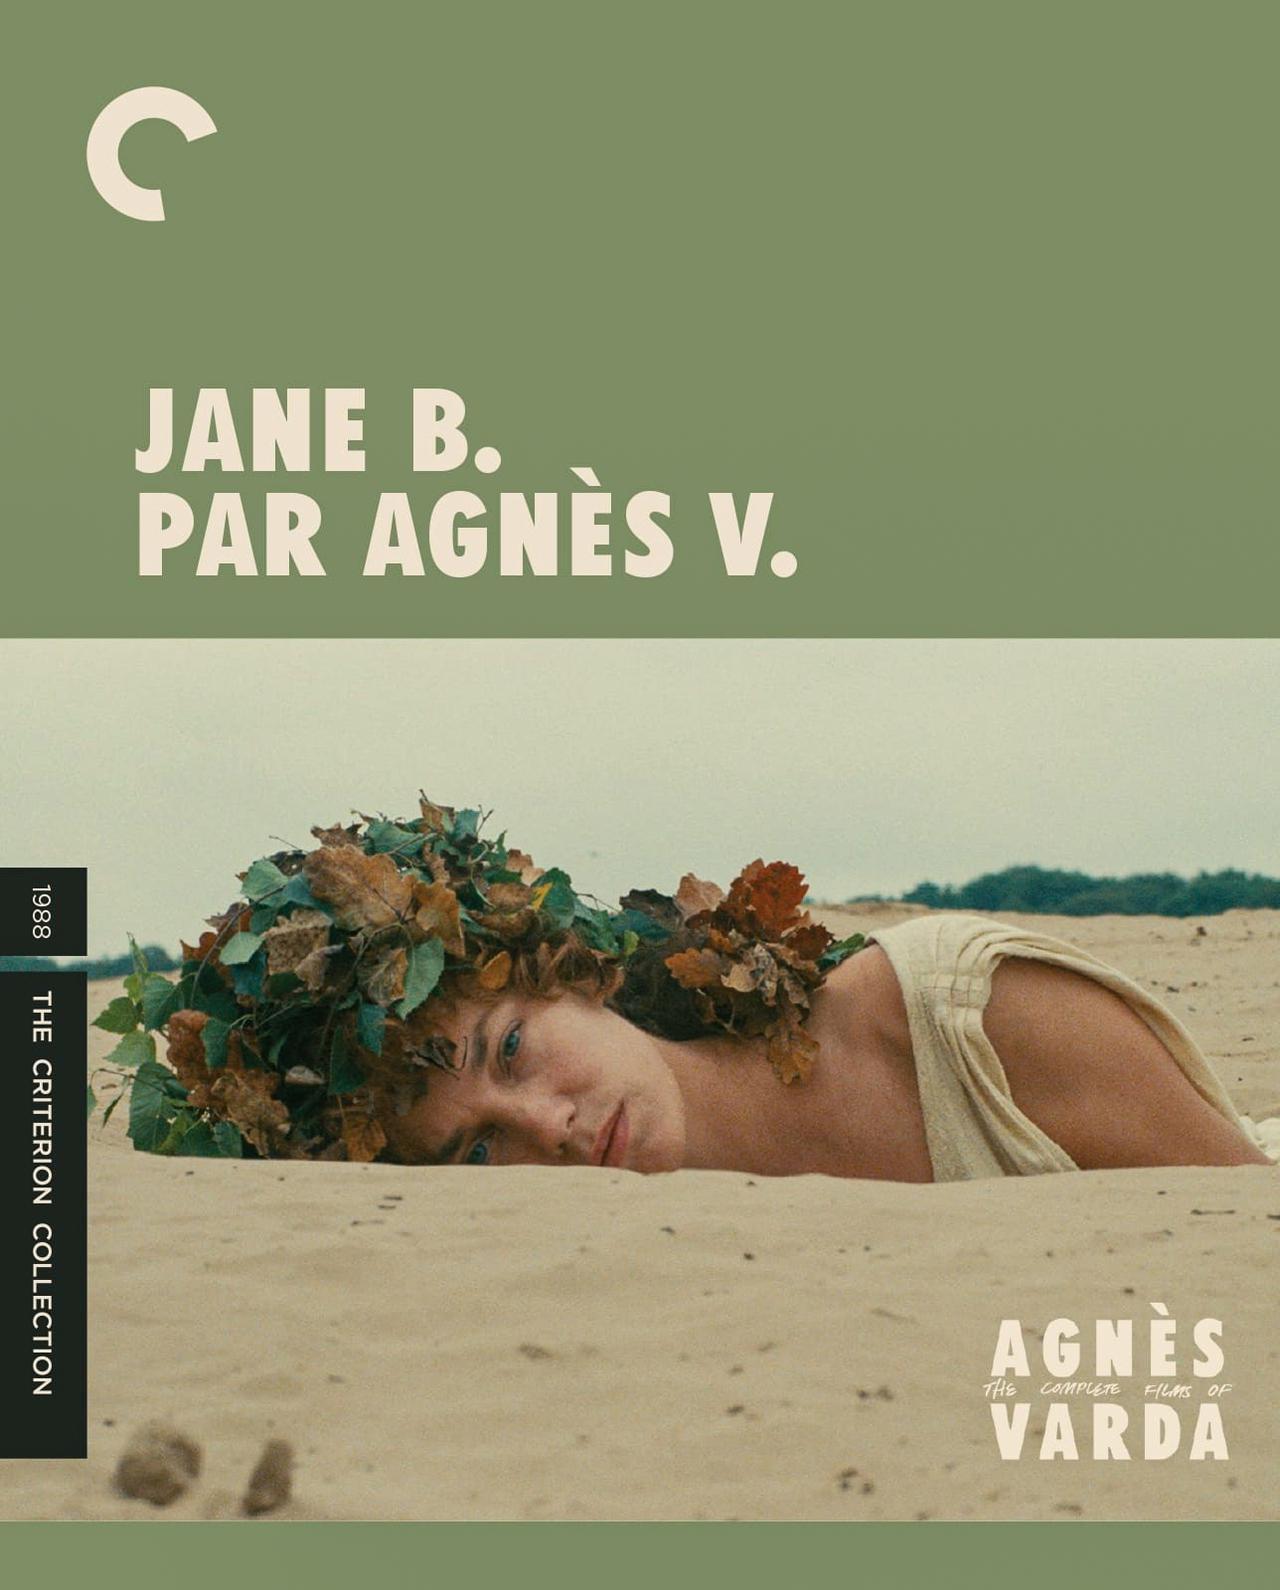 画像: JANE B. PAR AGNES V. (1988) アニエスv.によるジェーンb.